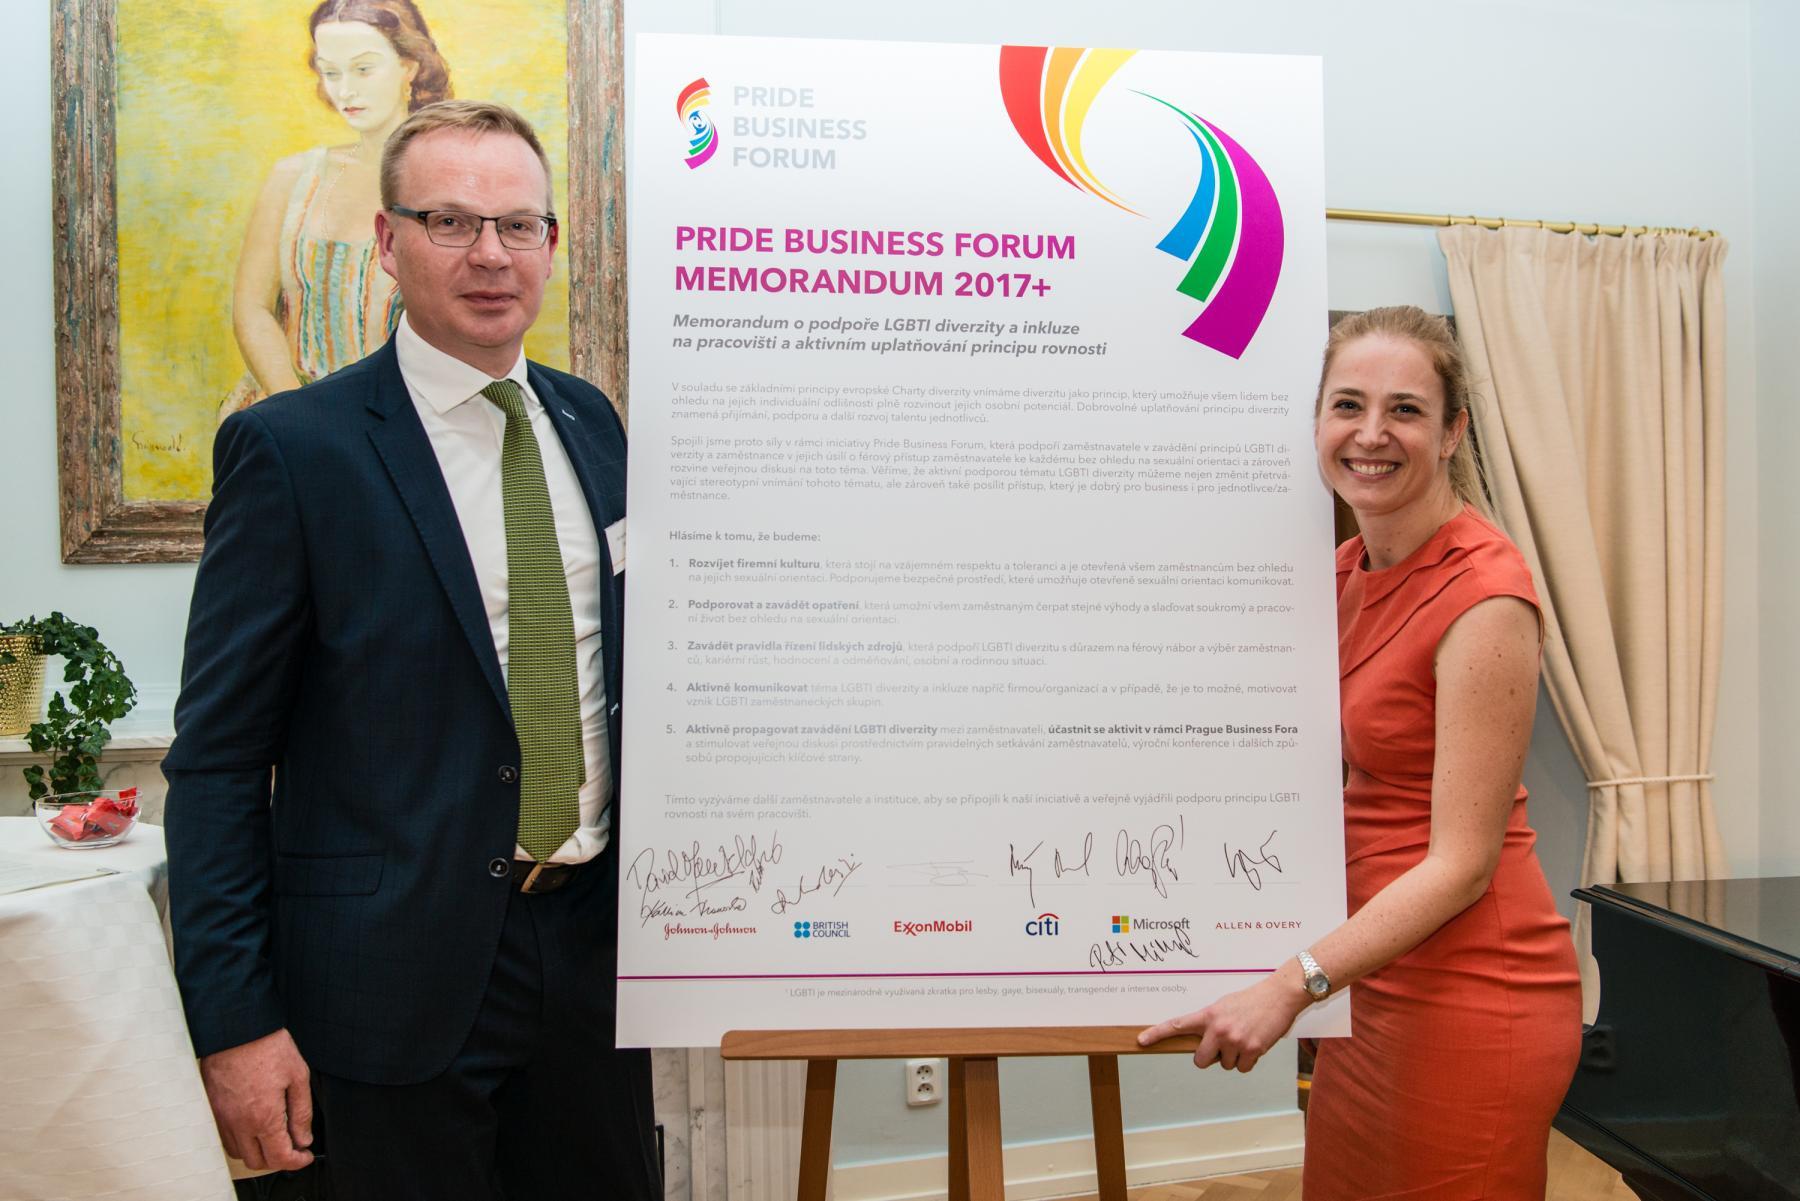 Memorandum o podpoře LGBT diverzity a inkluze na pracovišti podepsalo šest nových významných signatářů